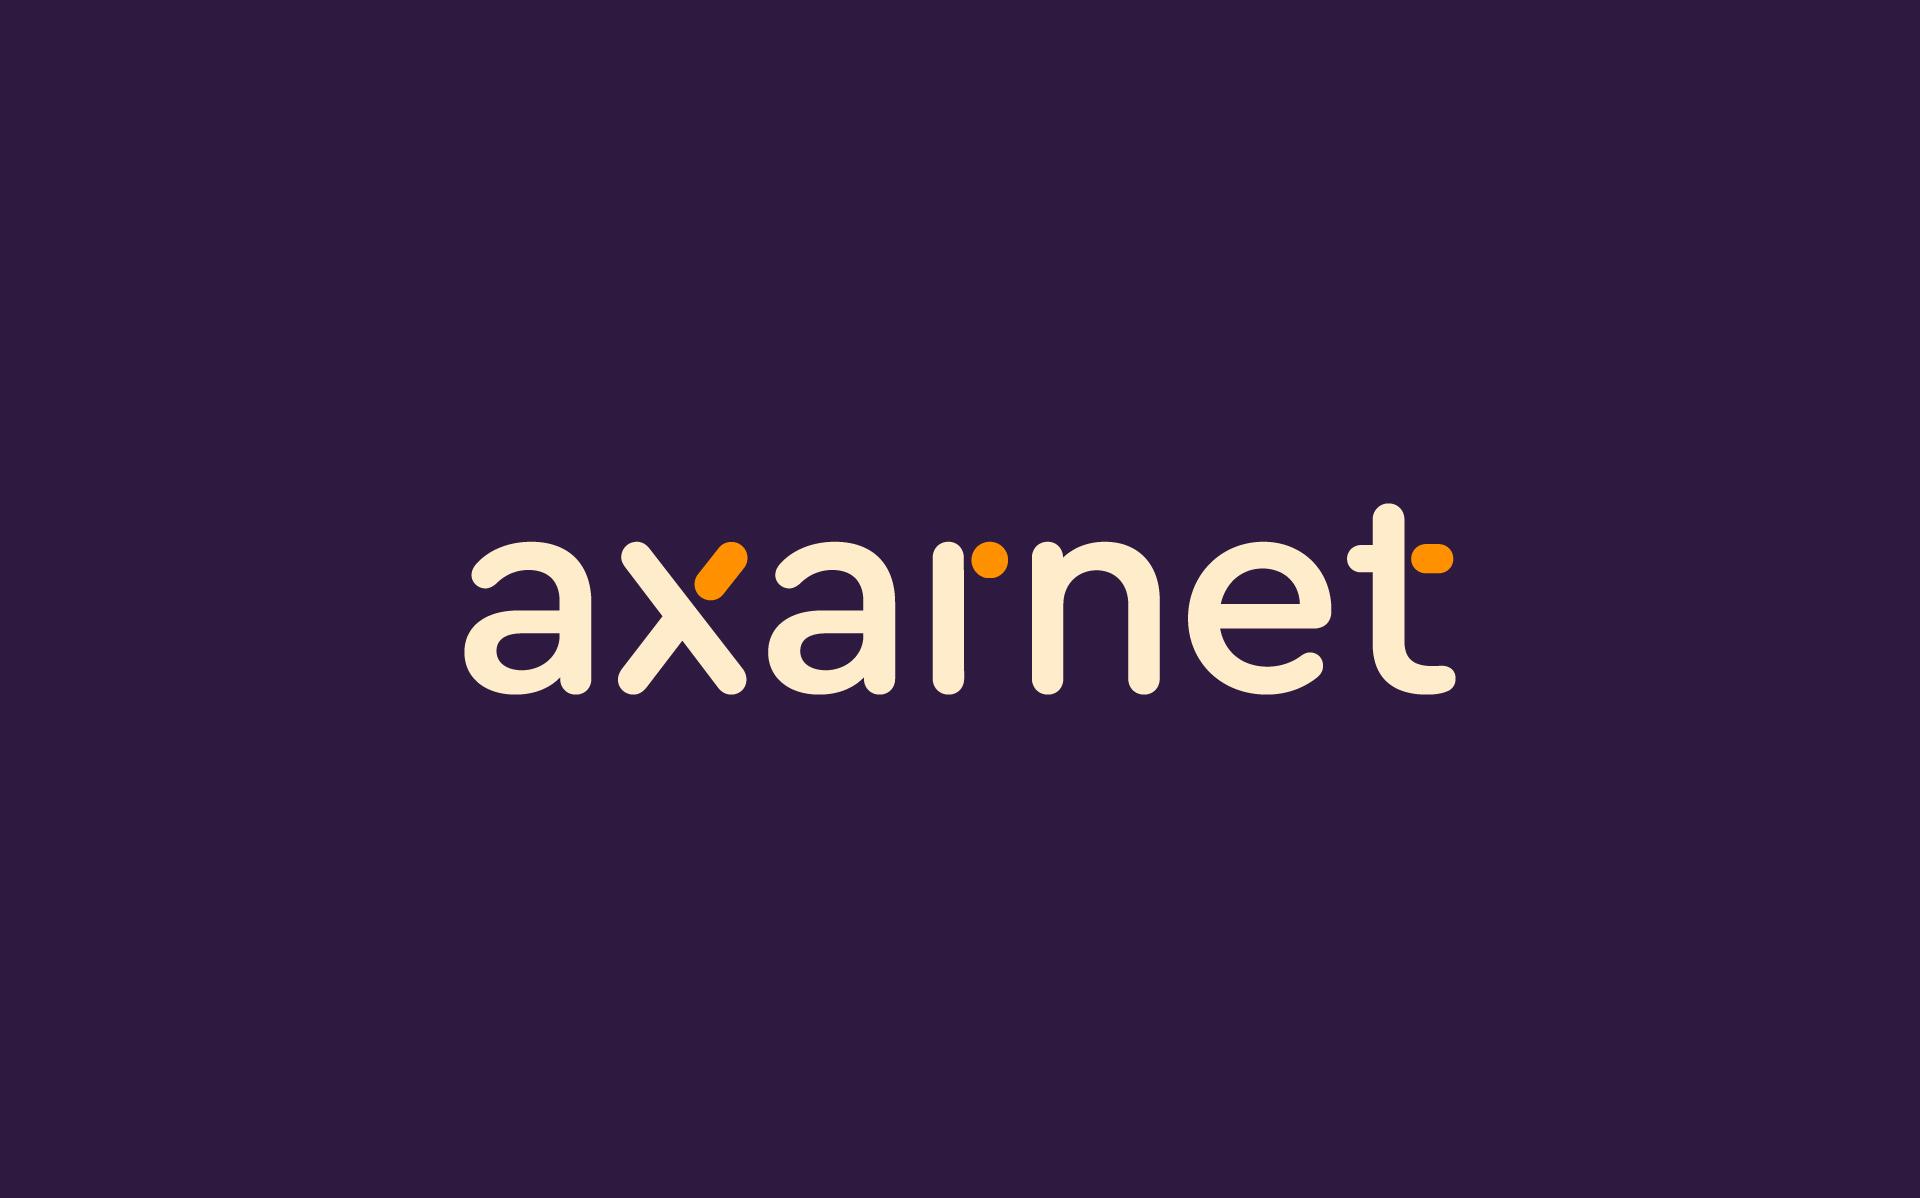 axarnet_branding_diseño_logo